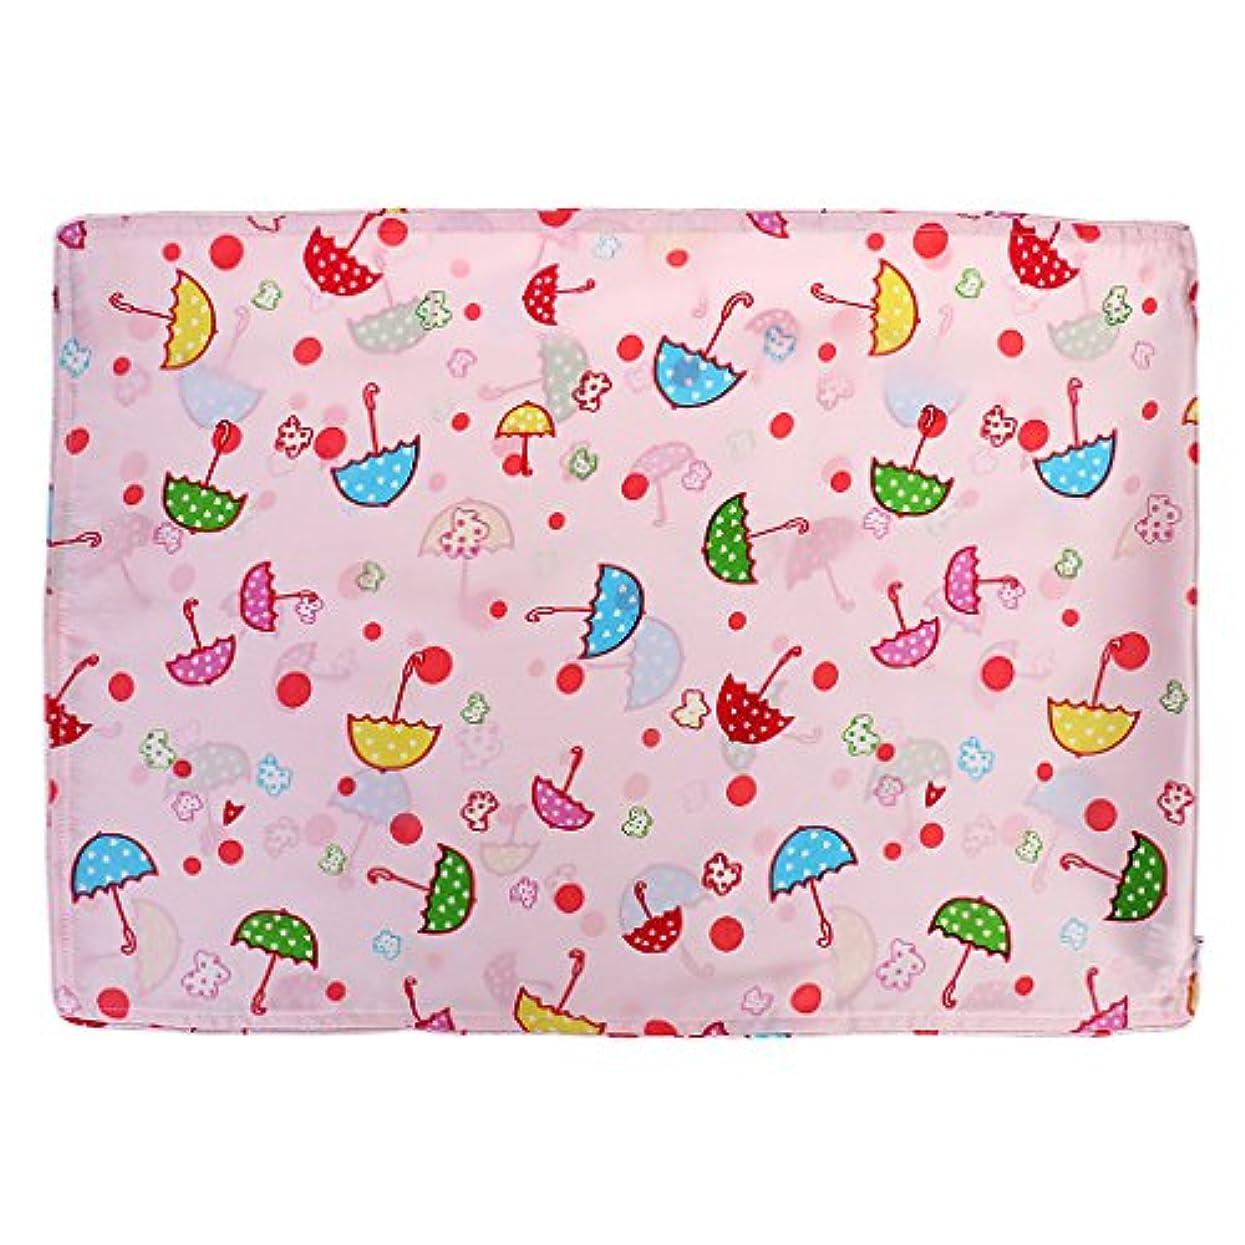 交通筋パンダかわいい赤ちゃんキッズ100%シルクサテン両面枕カバー30 * 45センチメートル傘ピンク